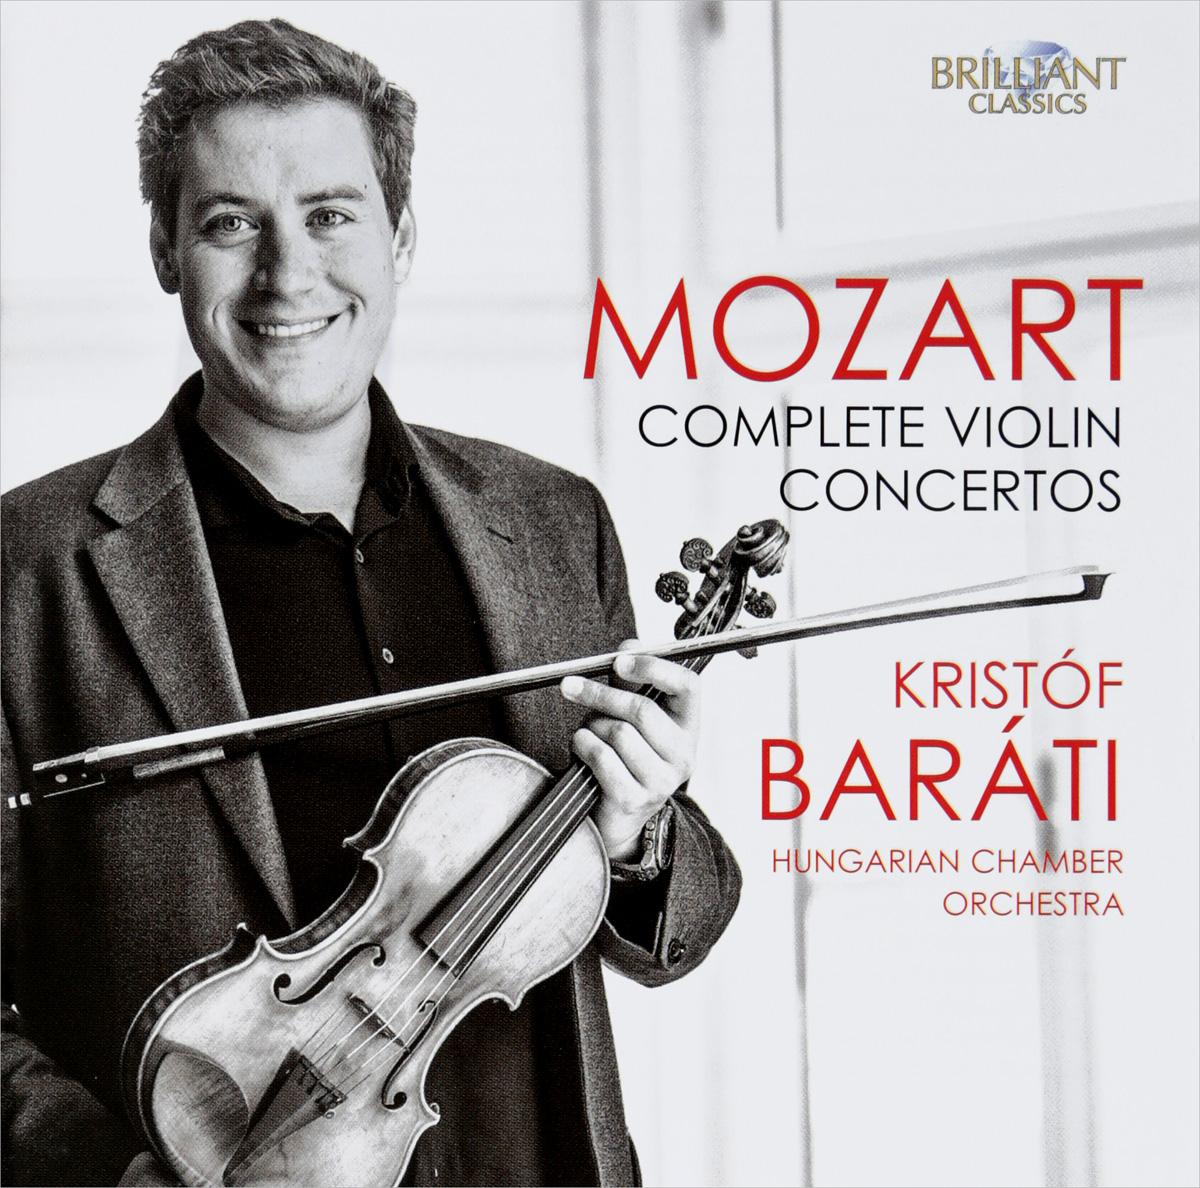 W. A. Mozart. Complete Violin Concertos (2 CD) саймон престон тревор пиннок the english concert orchestra simon preston trevor pinnock handel complete organ concertos 3 cd